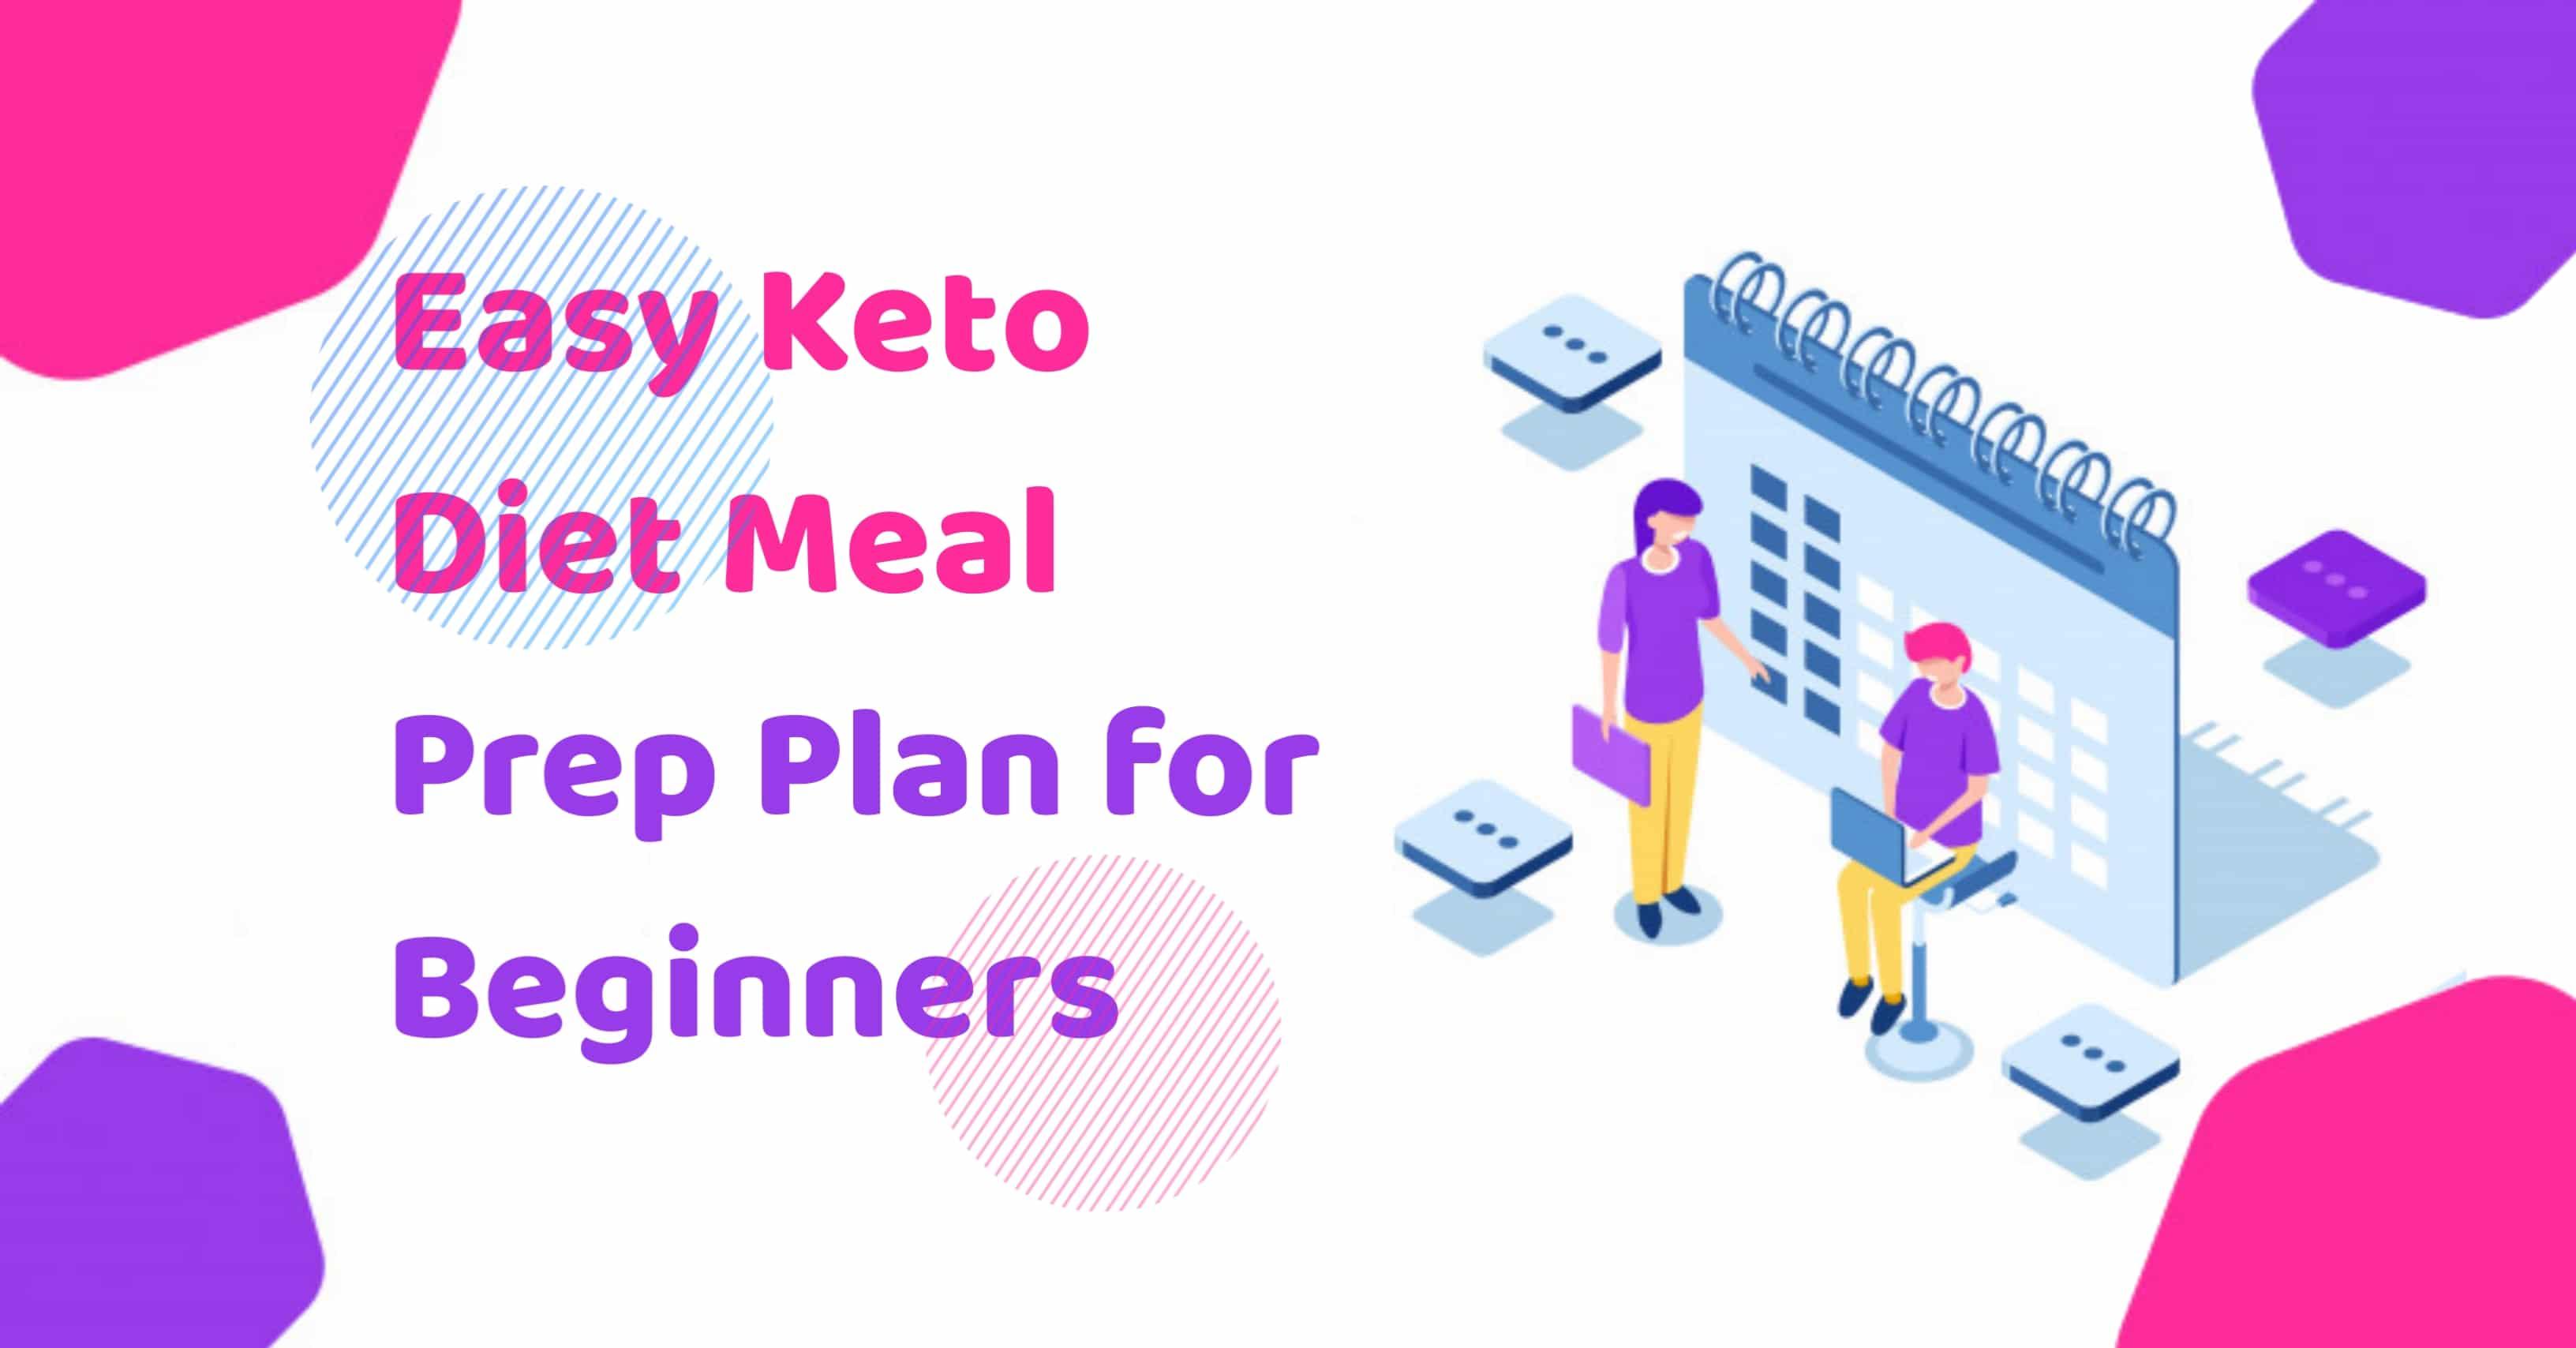 Easy Keto Diet Meal Prep Plan For Beginners